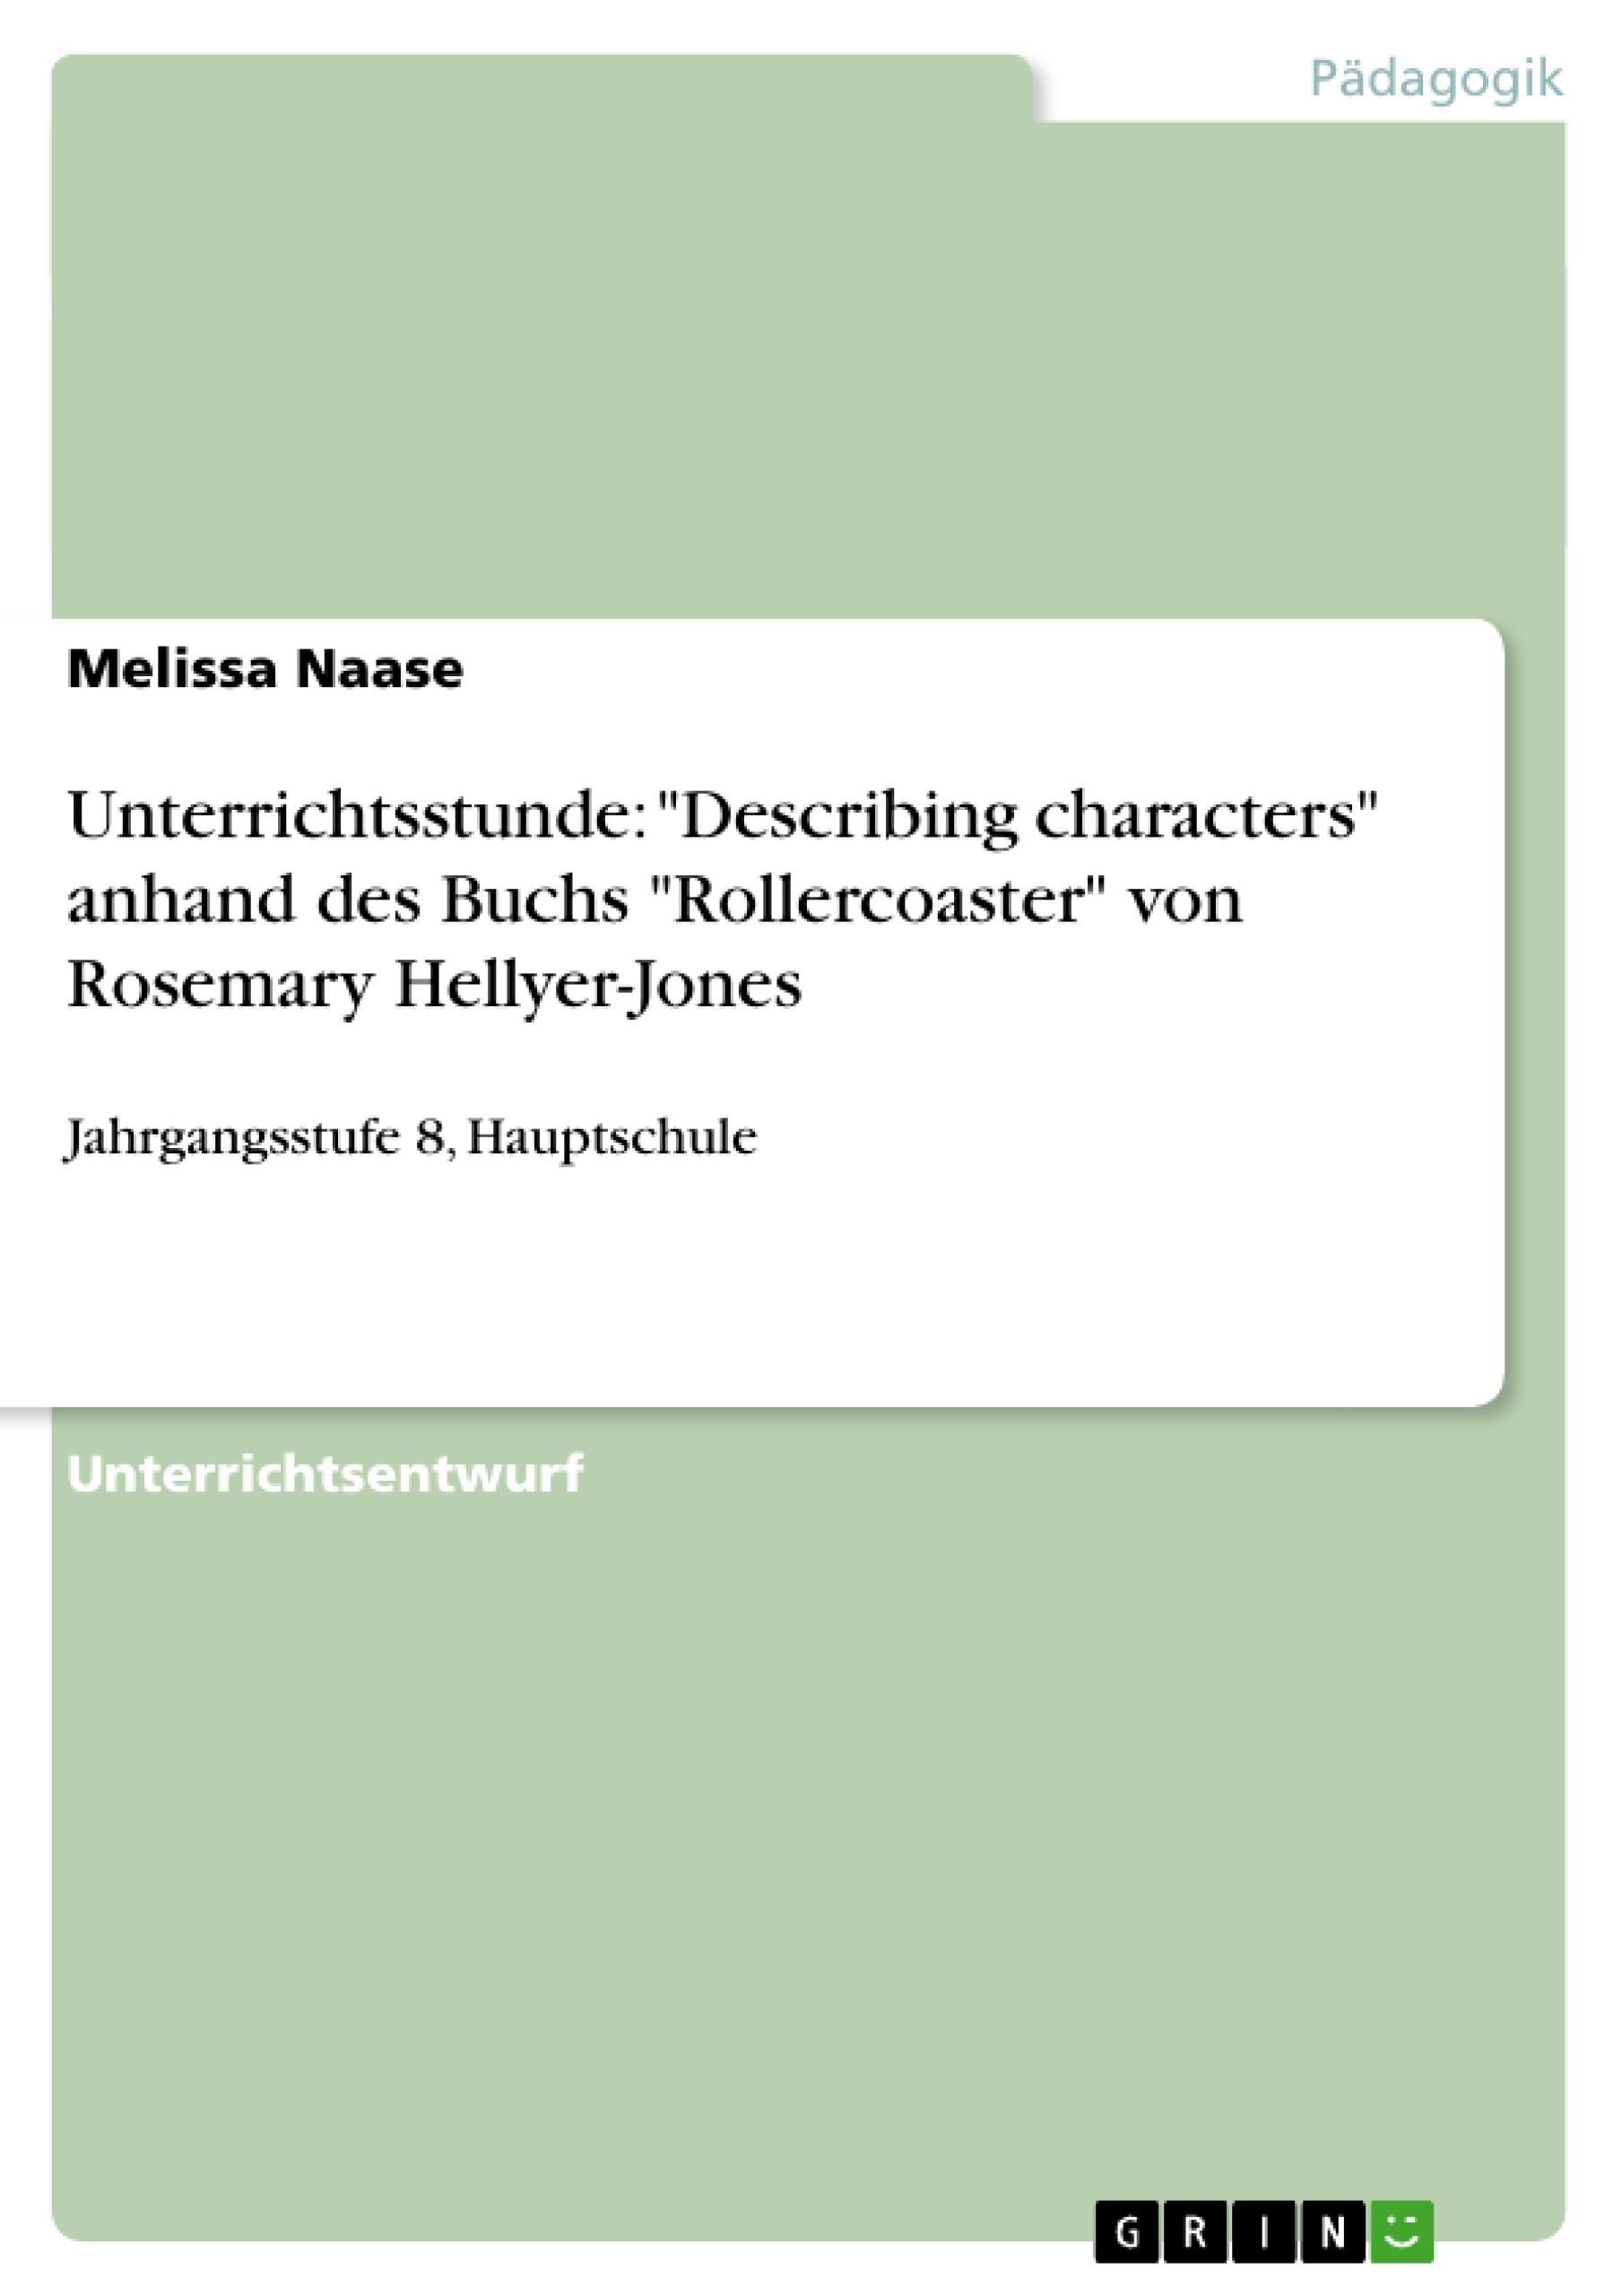 """Titel: Unterrichtsstunde: """"Describing characters"""" anhand des Buchs """"Rollercoaster"""" von Rosemary Hellyer-Jones"""